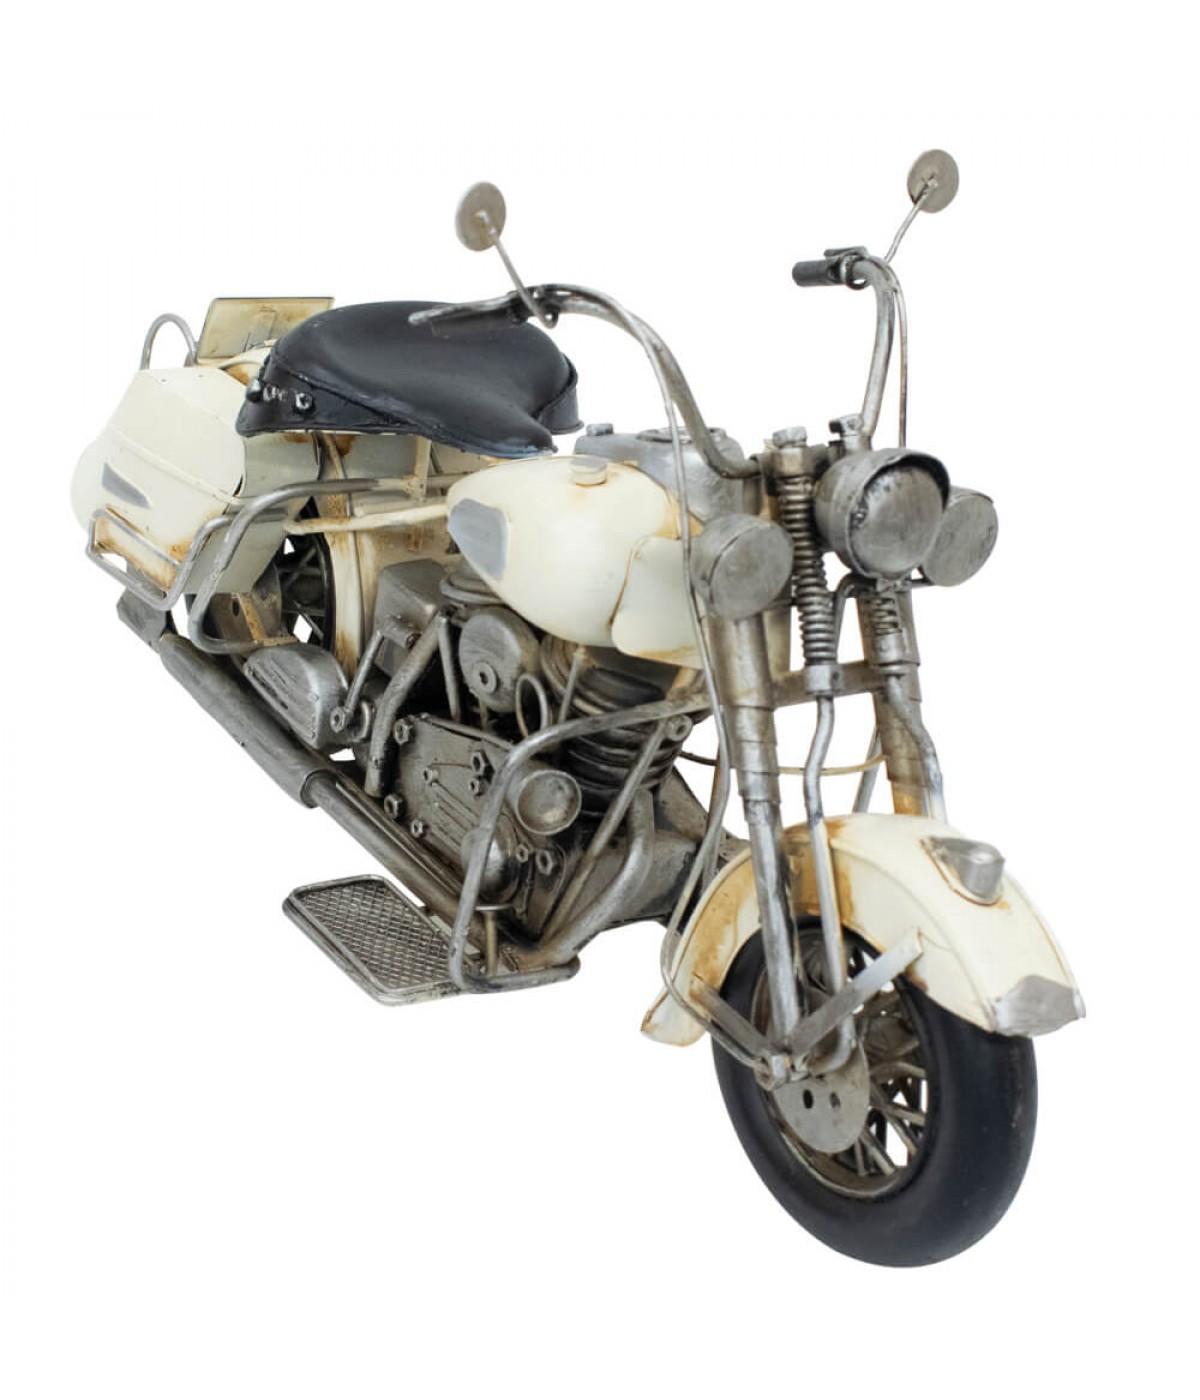 Motocicleta Branca 18x35.5x11.5cm Estilo Retrô - Vintage